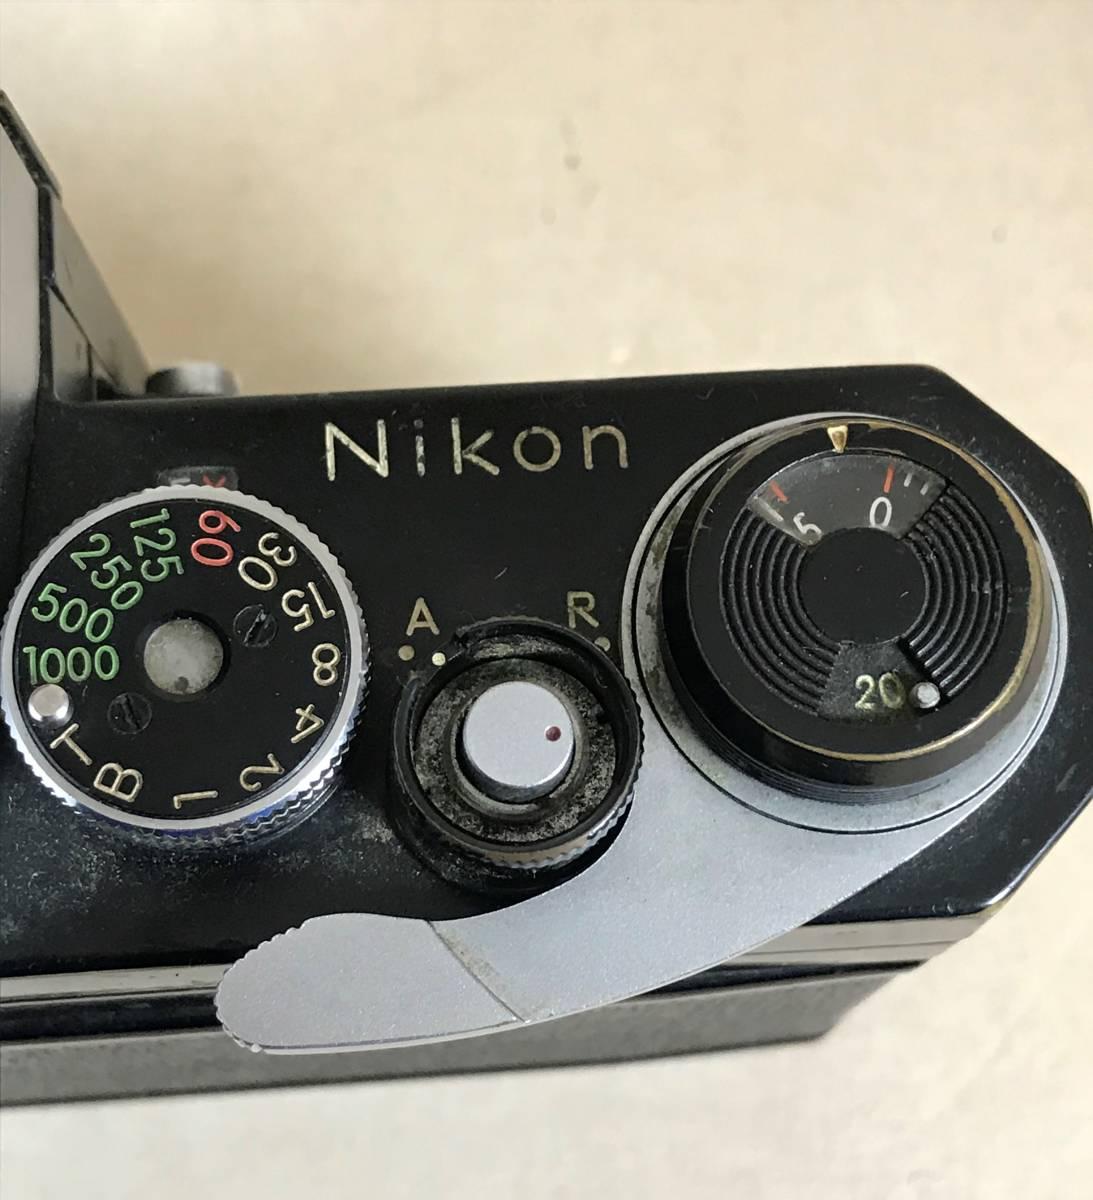 ニコン Nikon F フィルムカメラ/シリアルNO 6857846 Nikon JAPAN_画像4